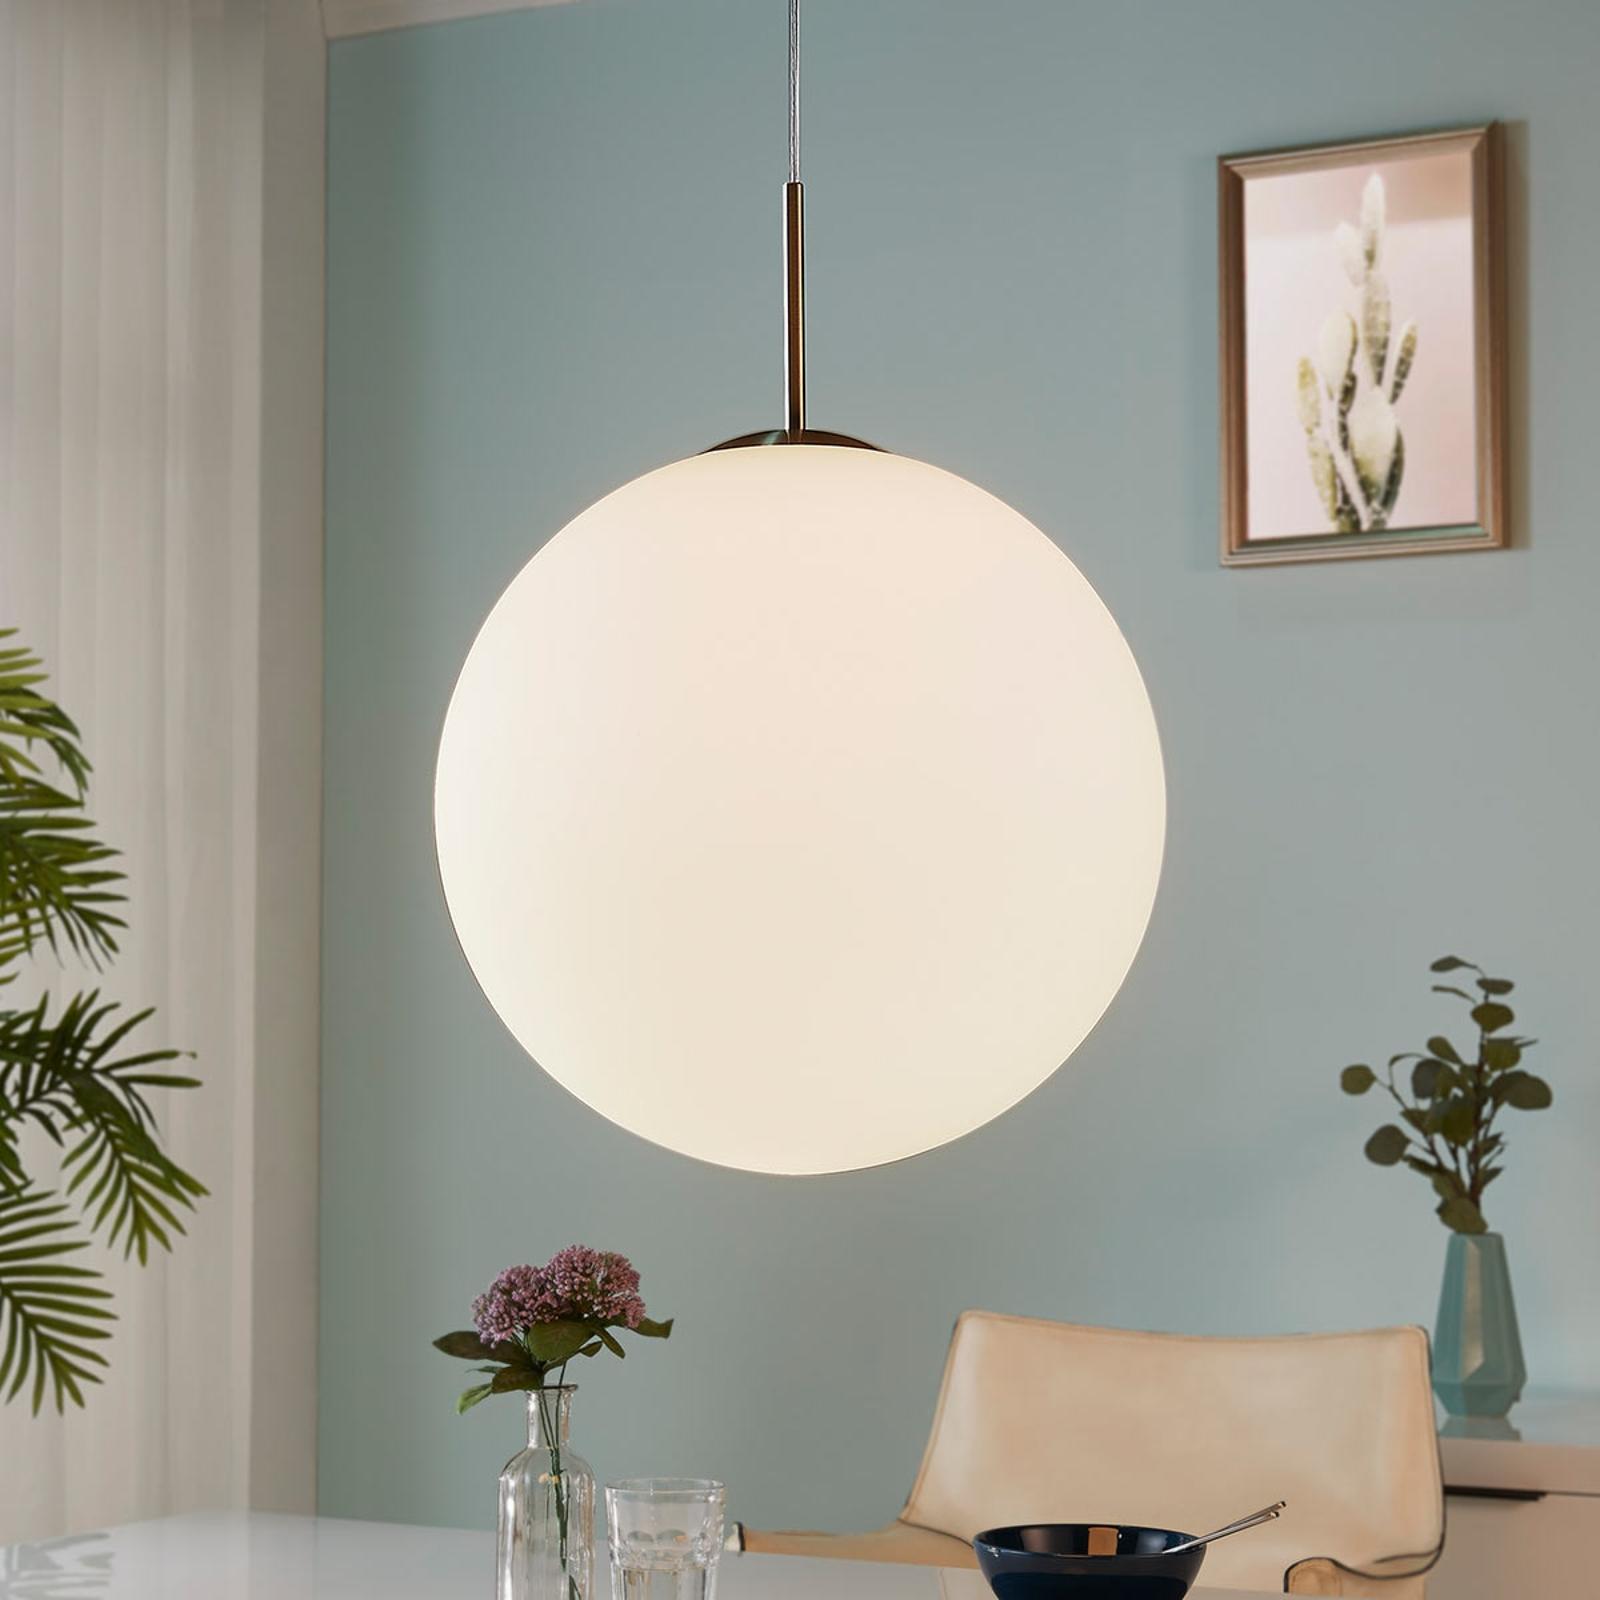 Lámpara colgante de bola Marike vidrio opal, 40 cm